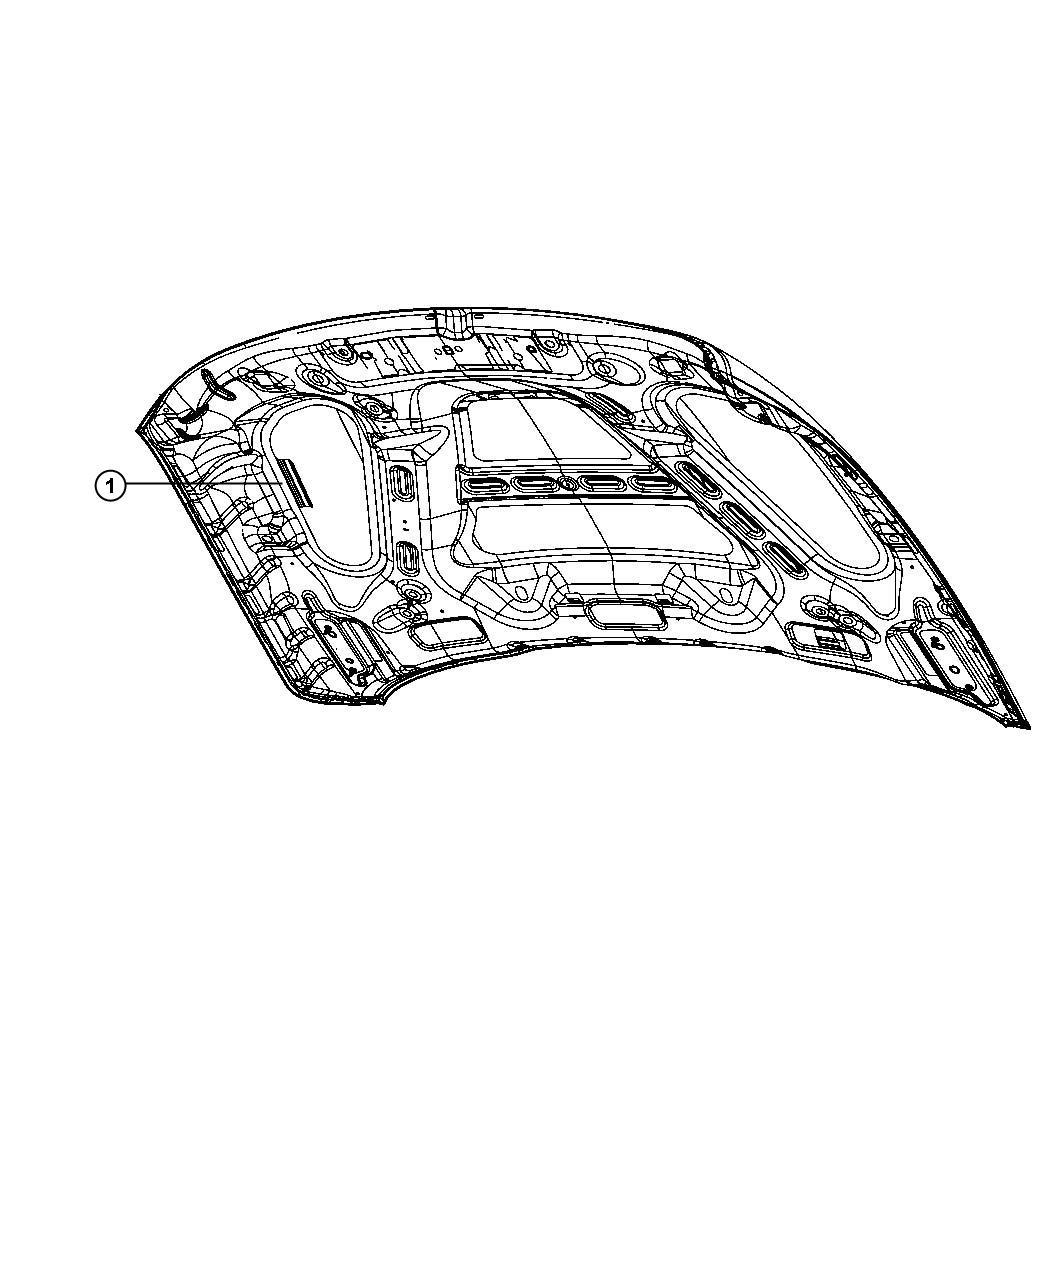 Dodge Ram 1500 Label. Vehicle emission control information